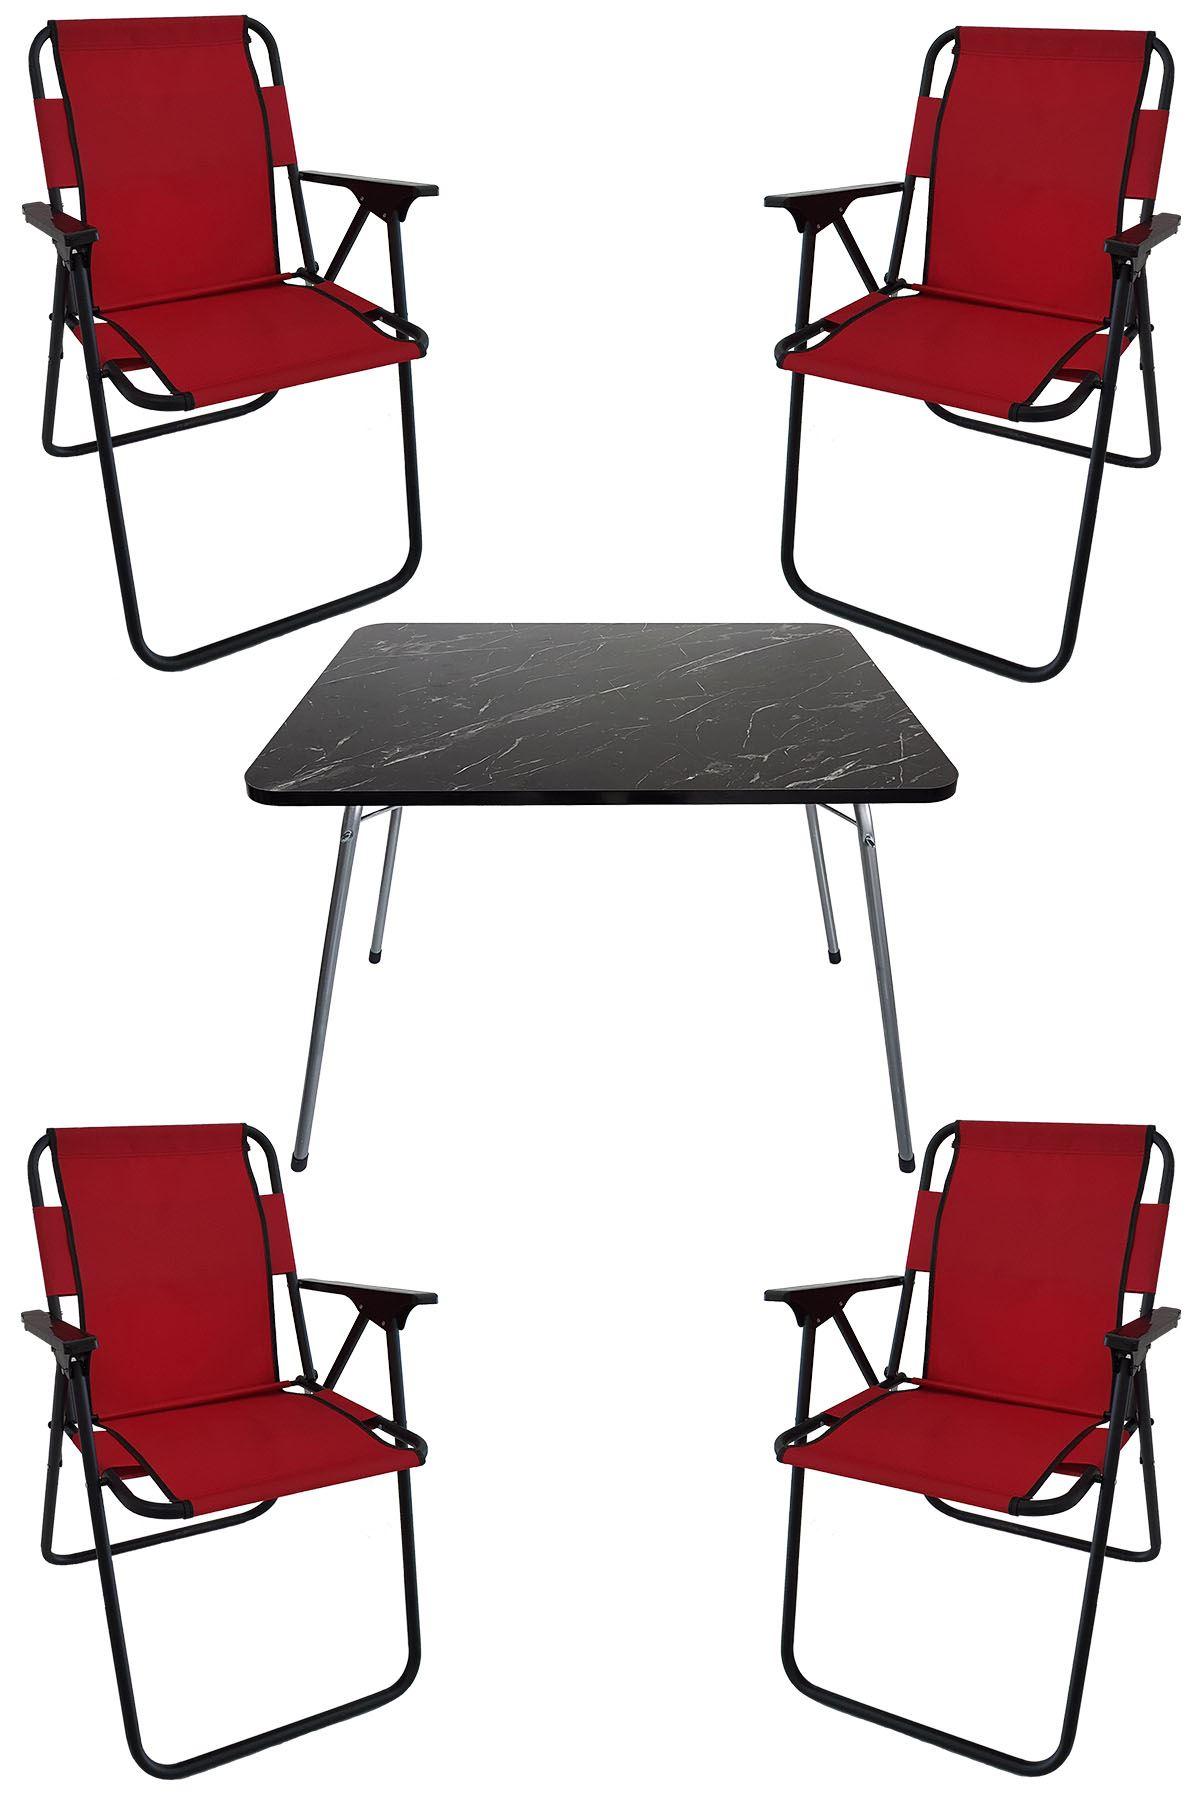 Bofigo 60X80 Granit Desenli Katlanır Masa + 4 Adet Katlanır Sandalye Kamp Seti Bahçe Takımı Kırmızı